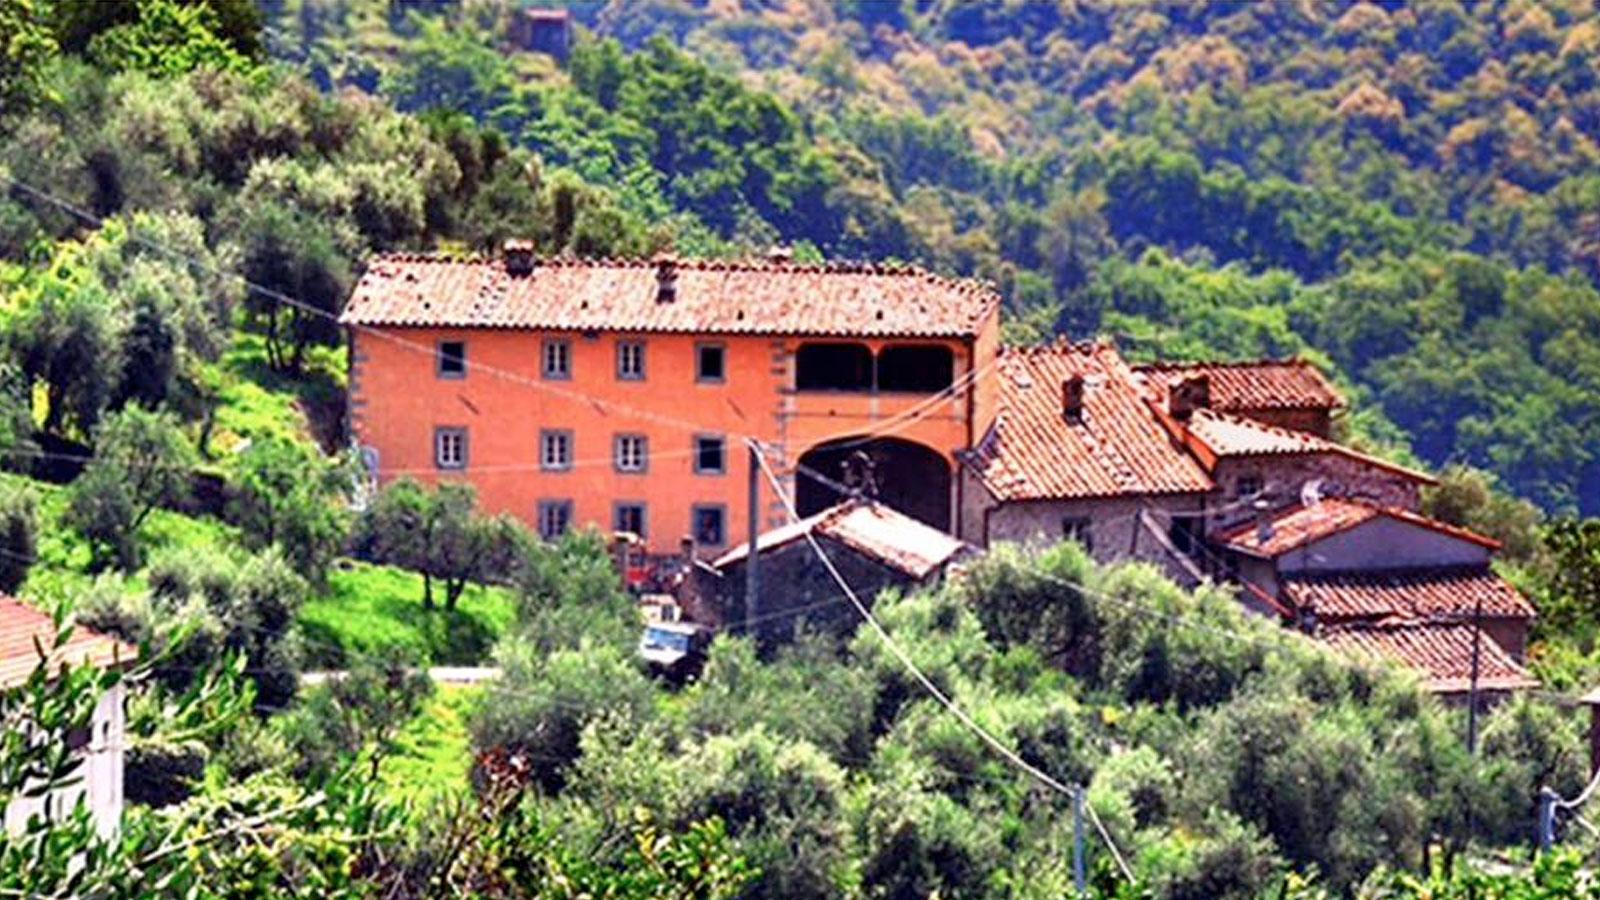 Villa San Rocco Italy